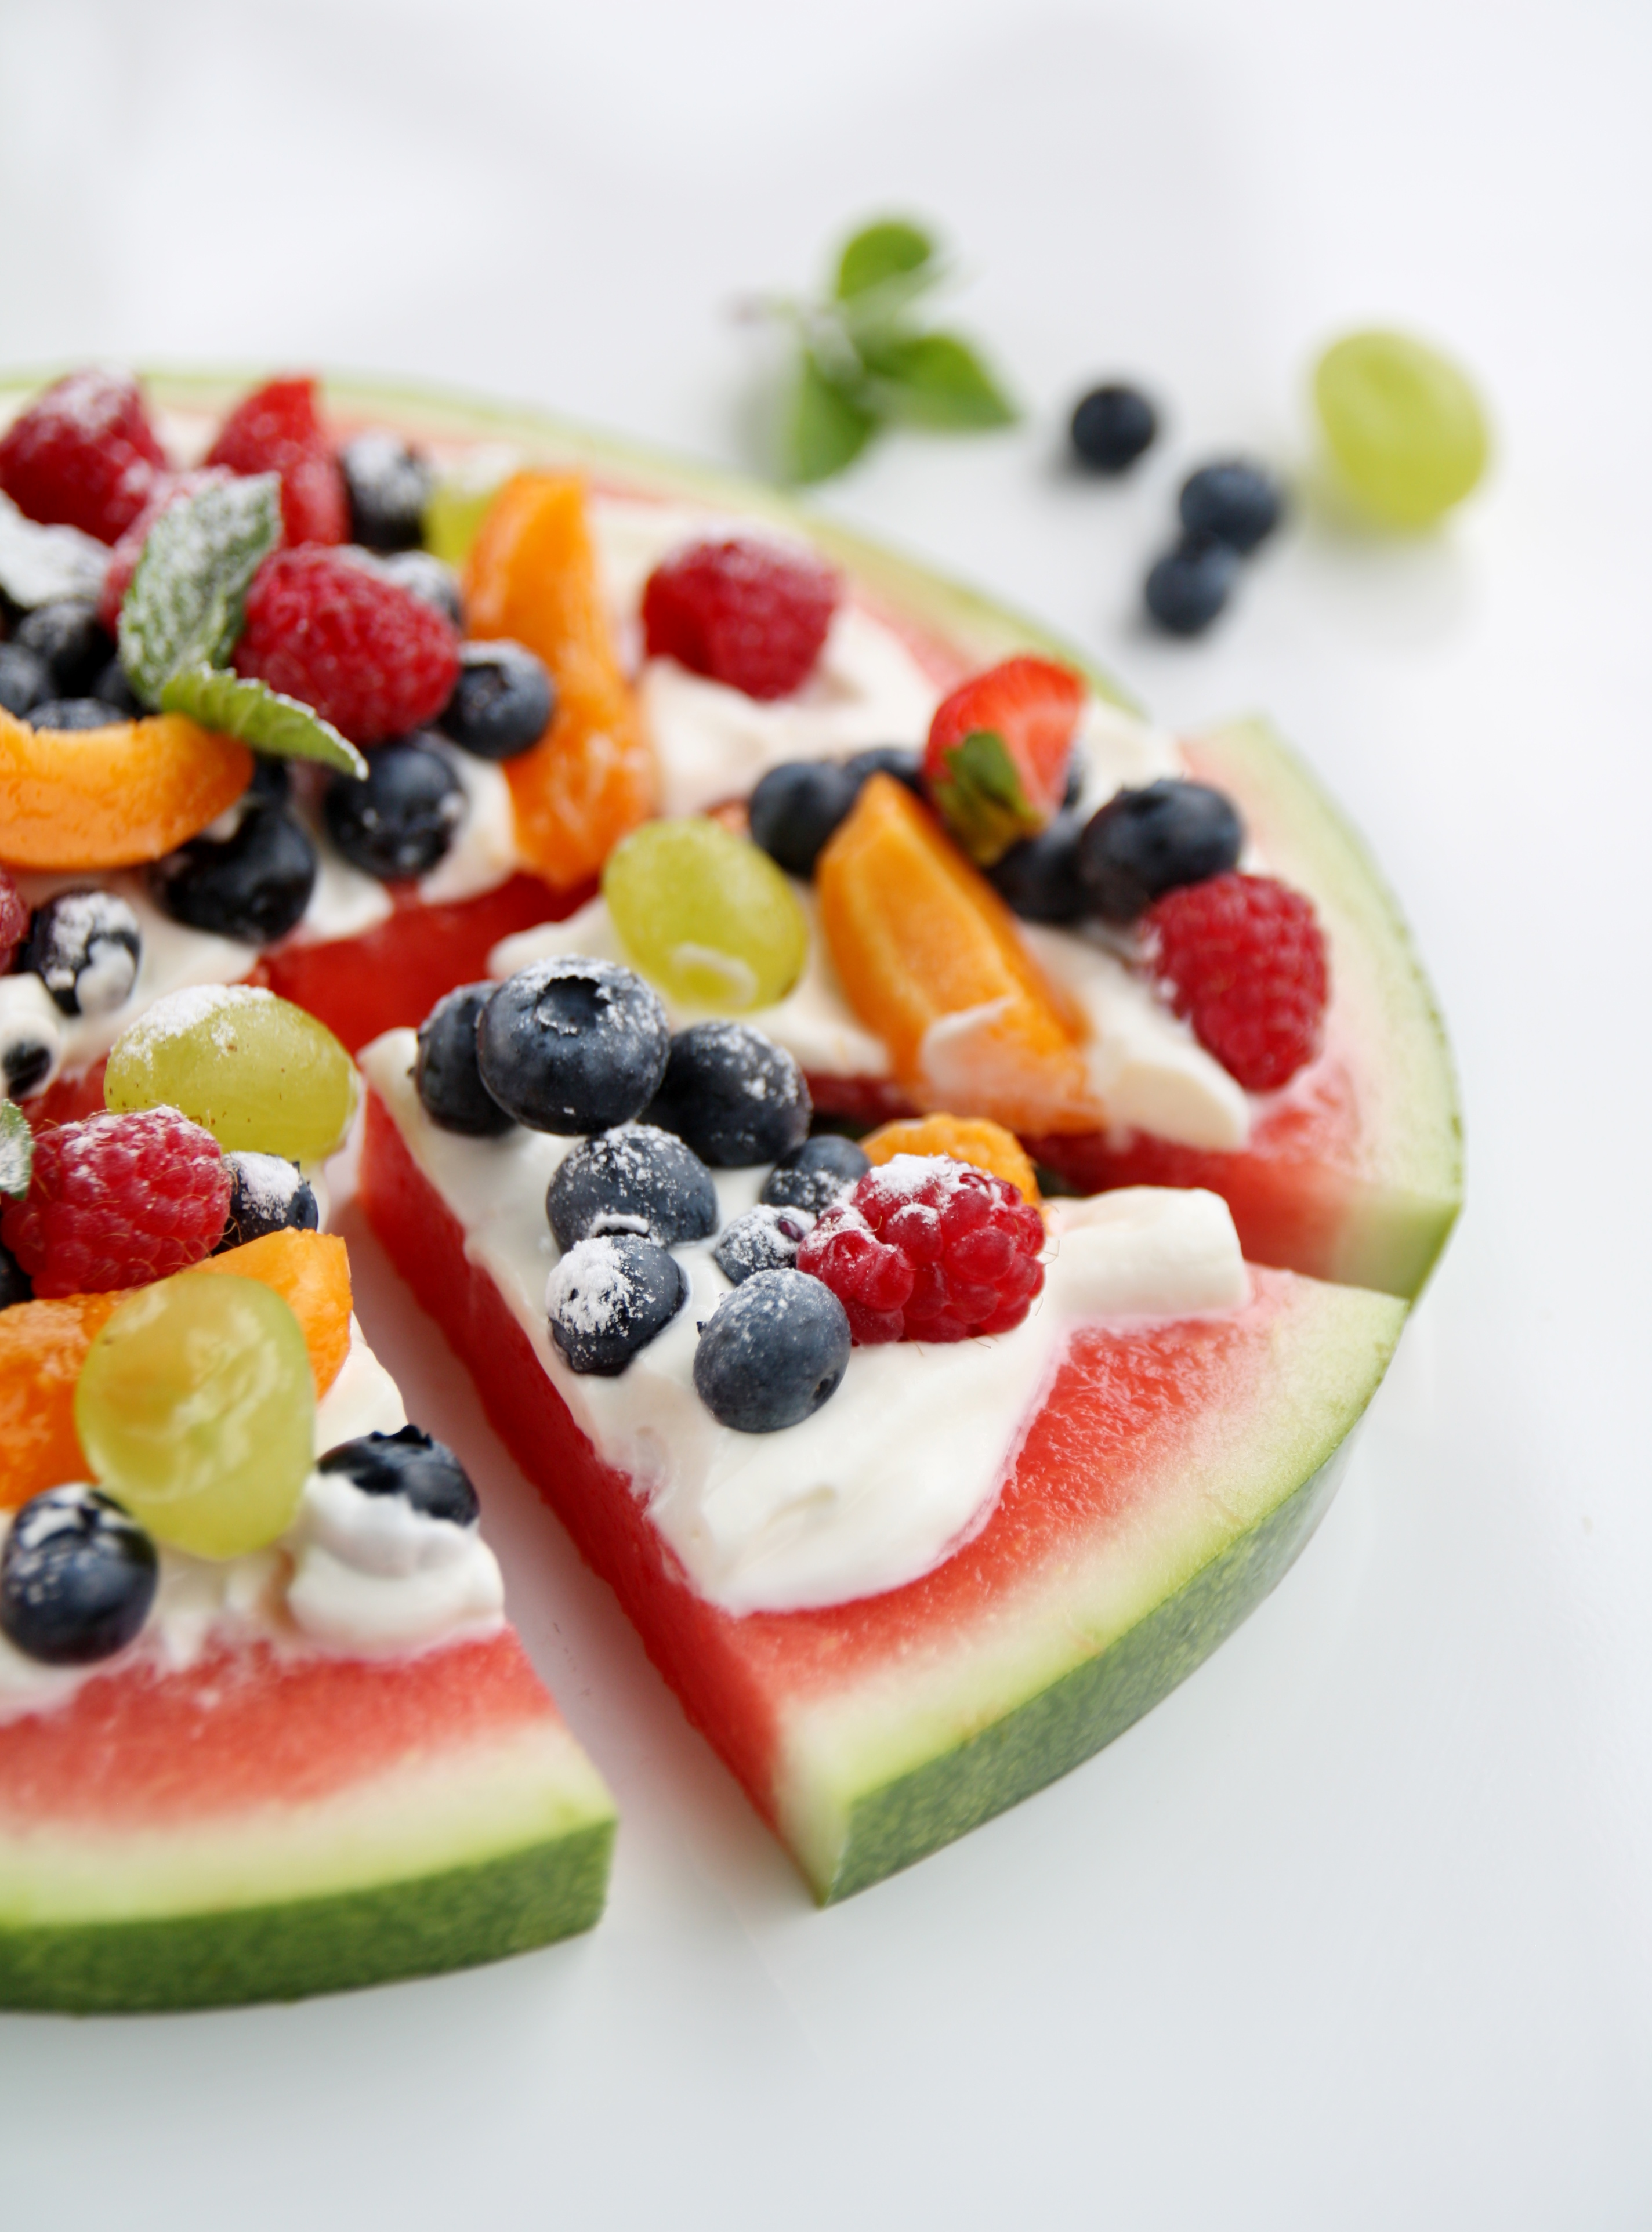 Torta di anguria e frutta fresca